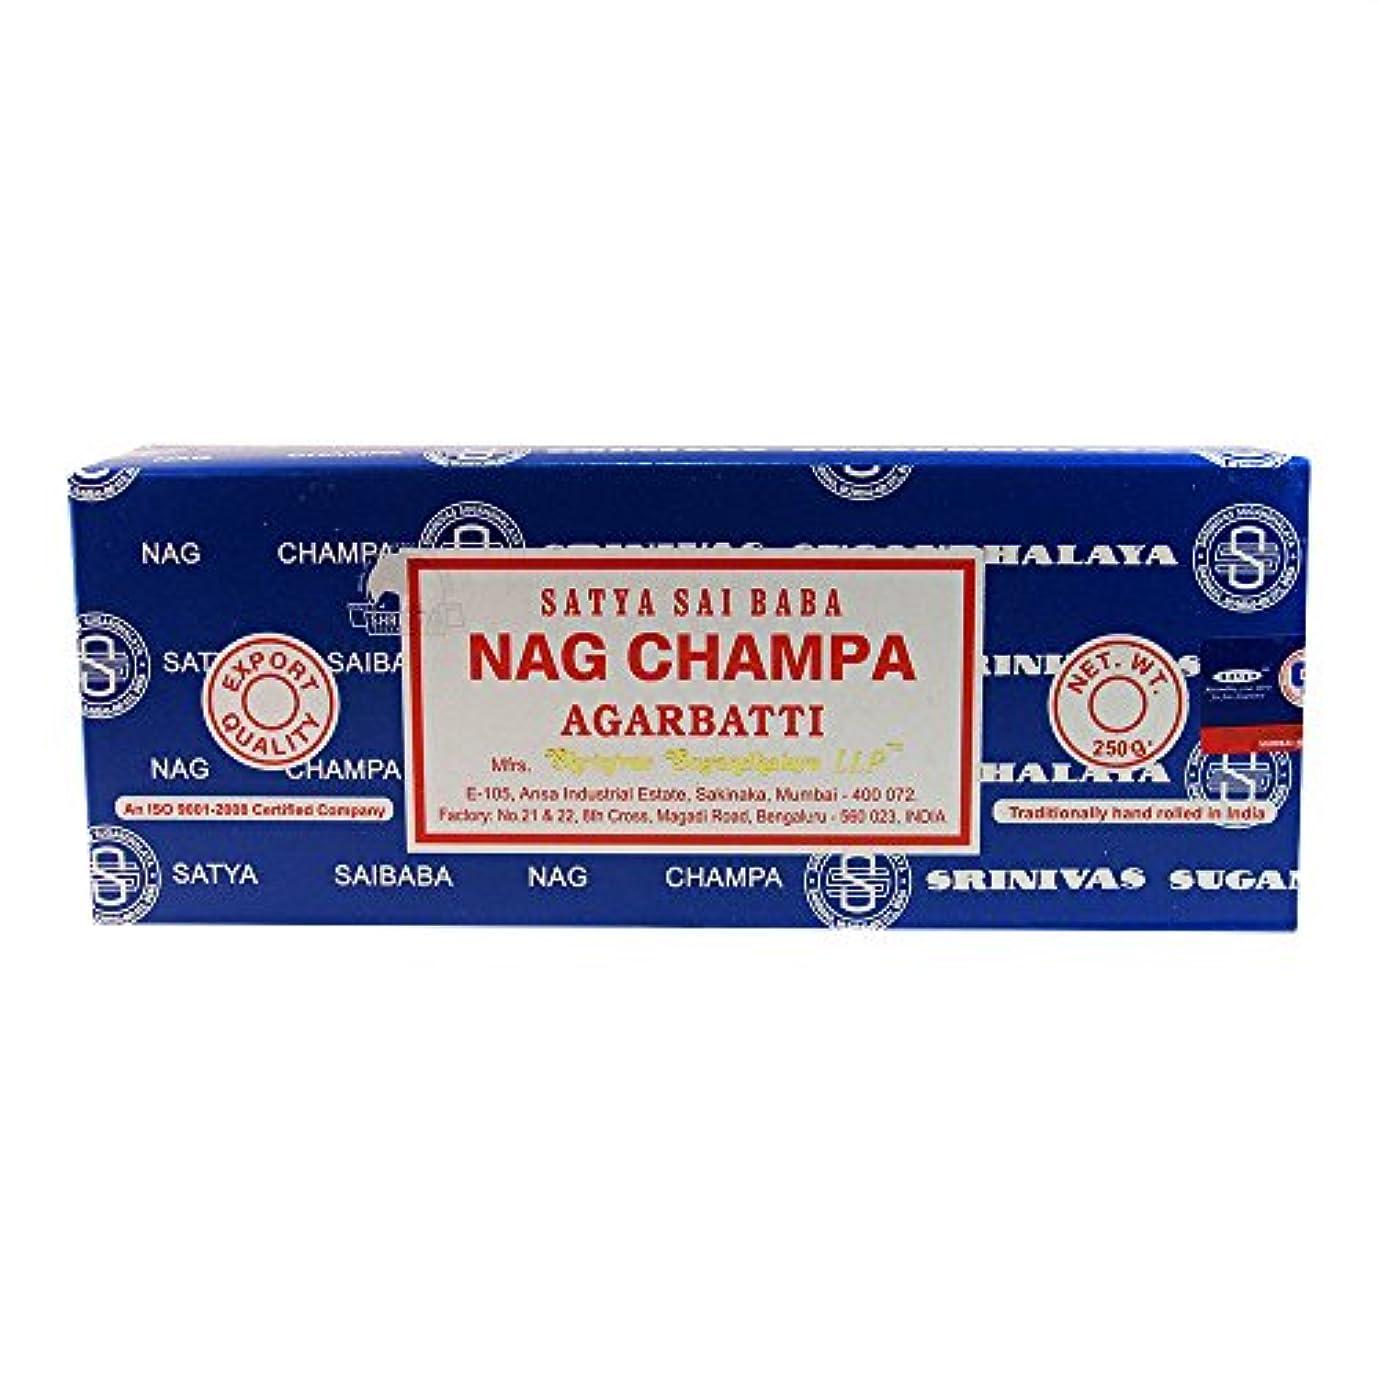 ラグ約束するエリート海外直送品Nag Champa Incense, 250 GRAMS by Sai Baba